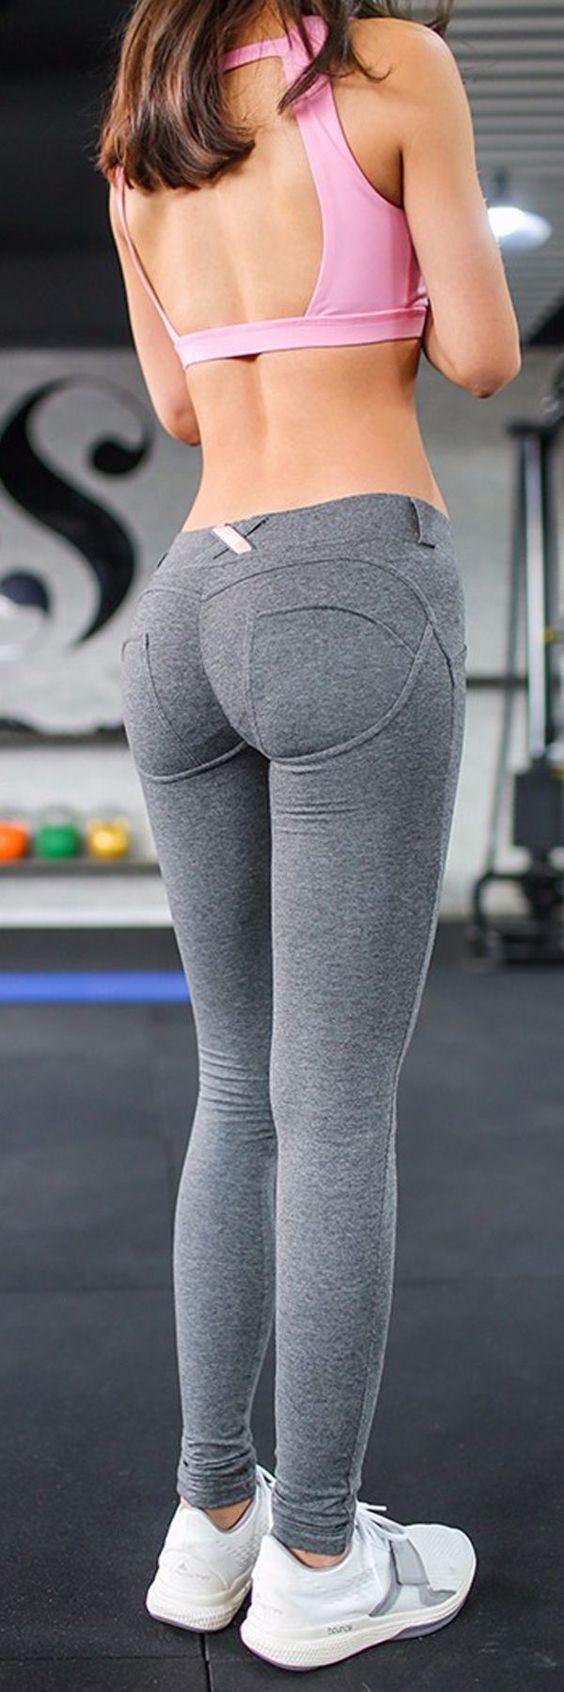 Yoga pants transparent ideas workout clothes in pinterest